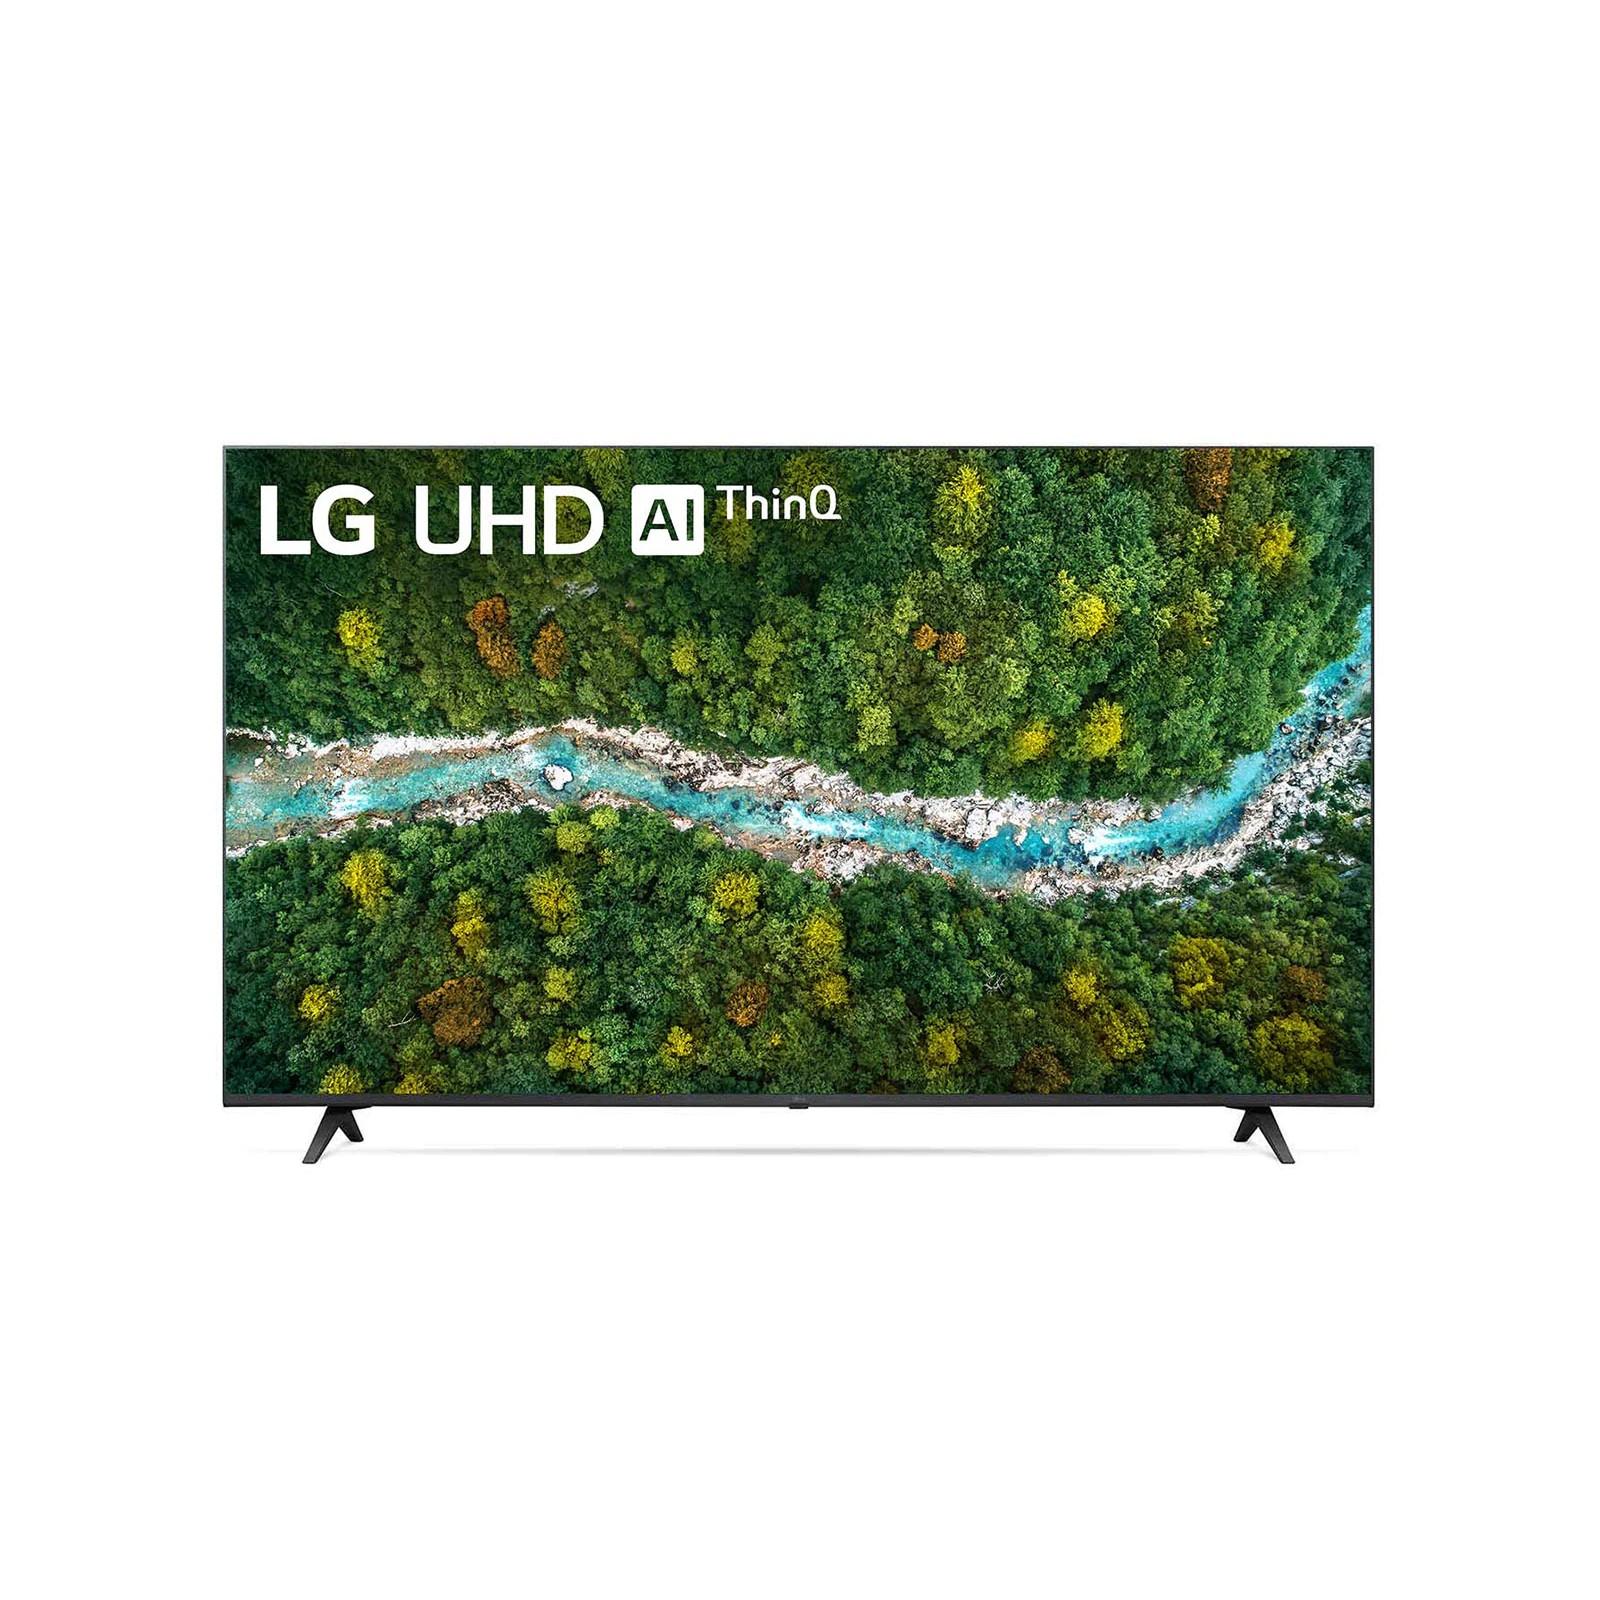 Smart TV LED 60 LG 4KUltra HD 60UP7750 - Conversor Digital Wi-Fi 3 HDMI 2 USB